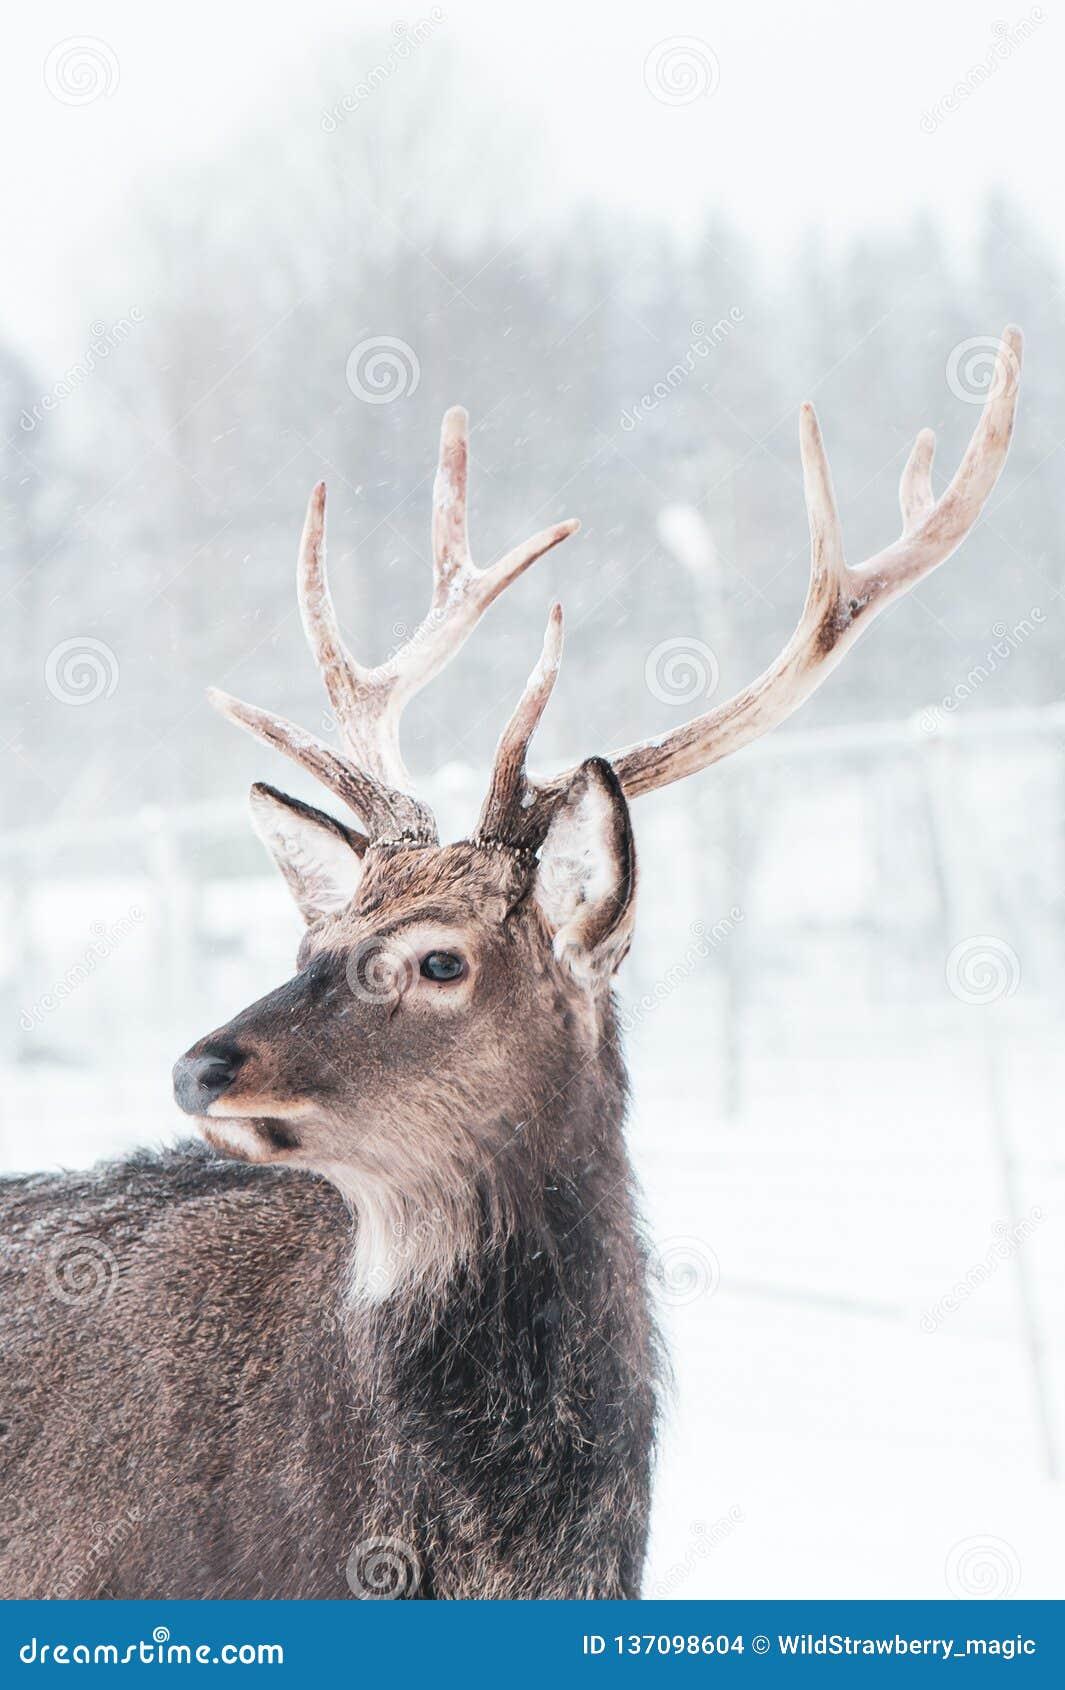 Sika deer , Cervus nippon, spotted deer